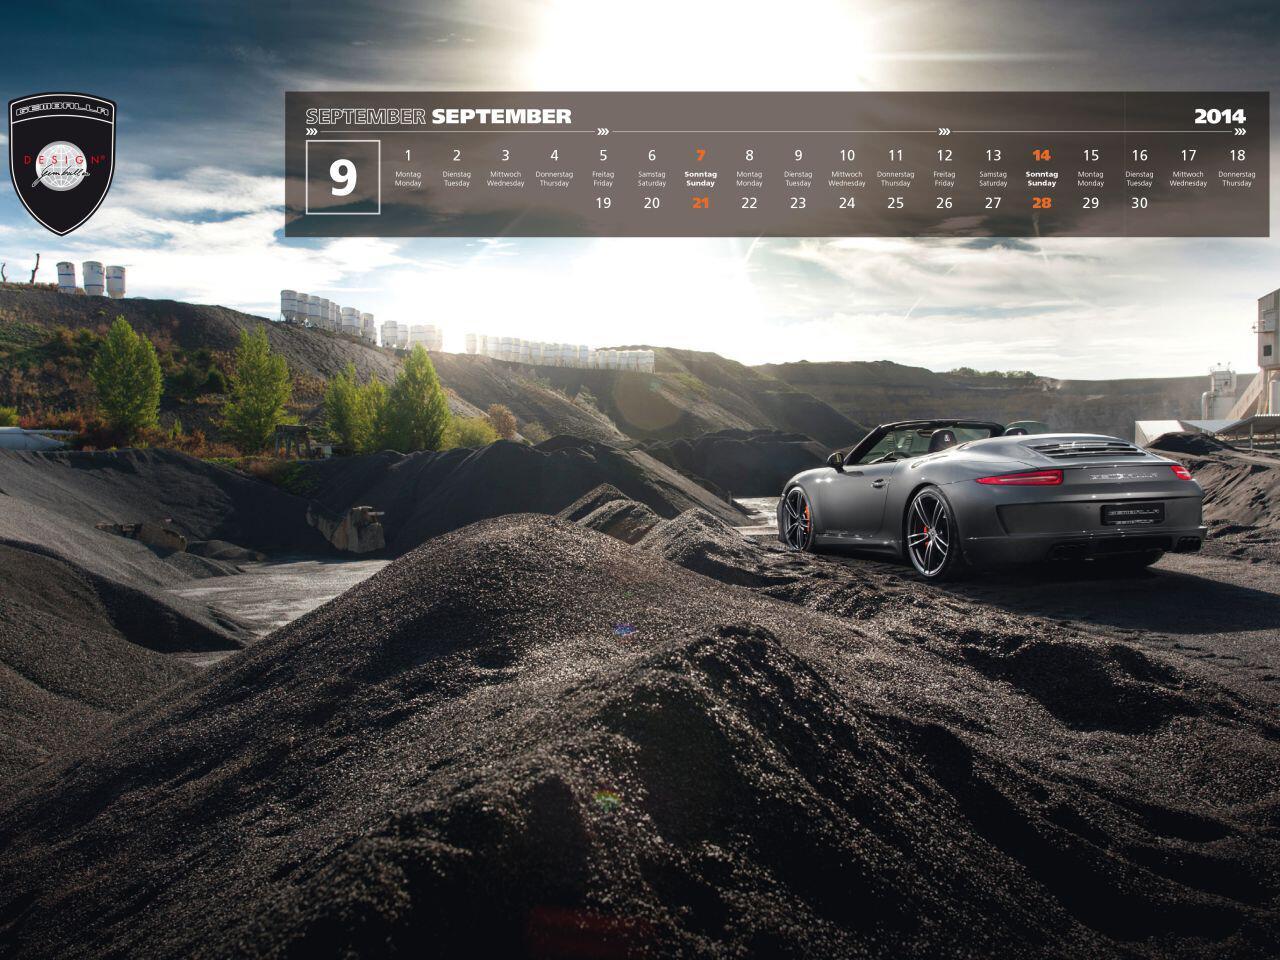 Bild zu Herrliche Panoramaaufnahme eines aktuellen Porsche 911 Cabrio